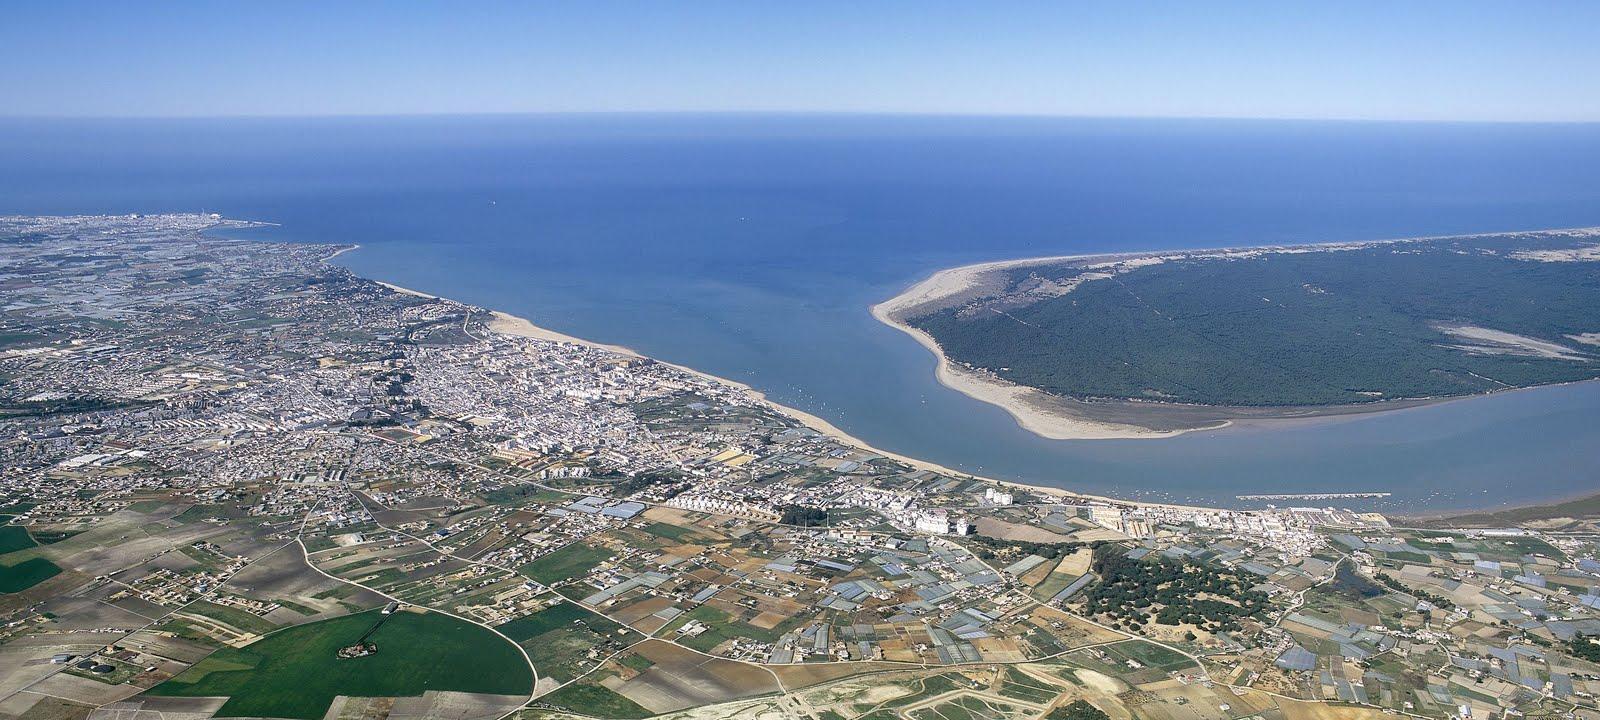 CEIP Guadalquivir